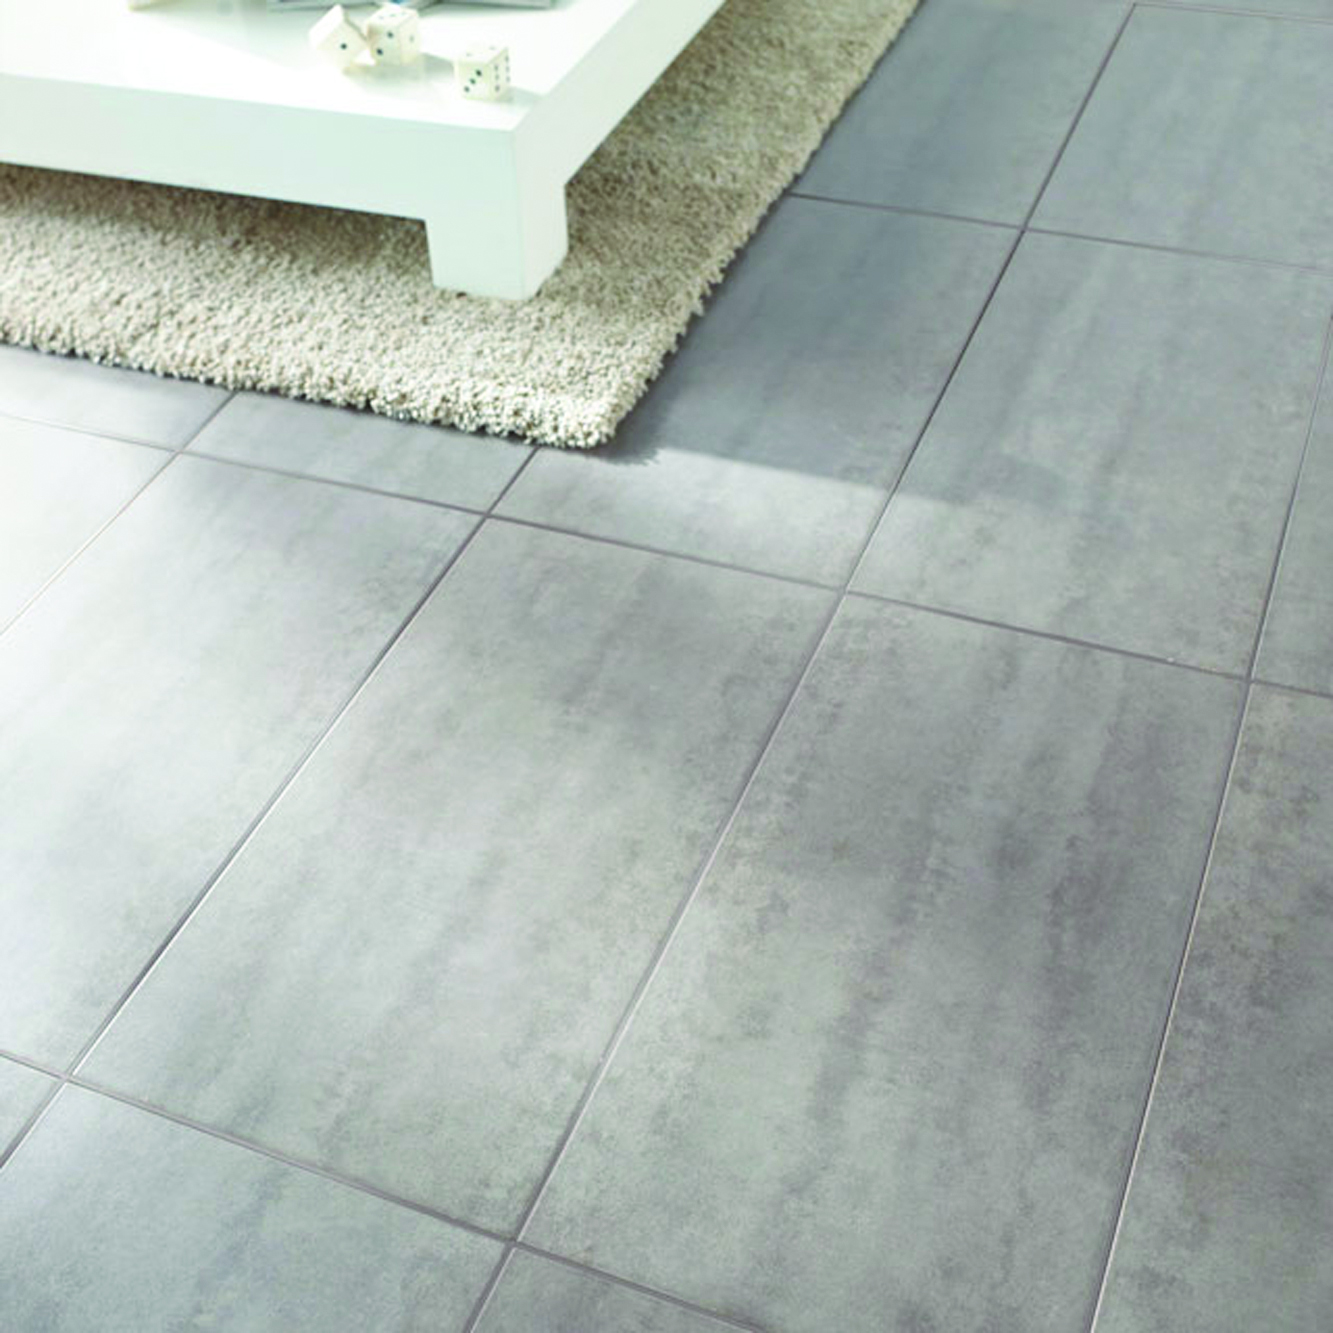 Carrelage Rectifié Ou Pas costiles - carrelage aspect beton stone white - 62 x 31cm